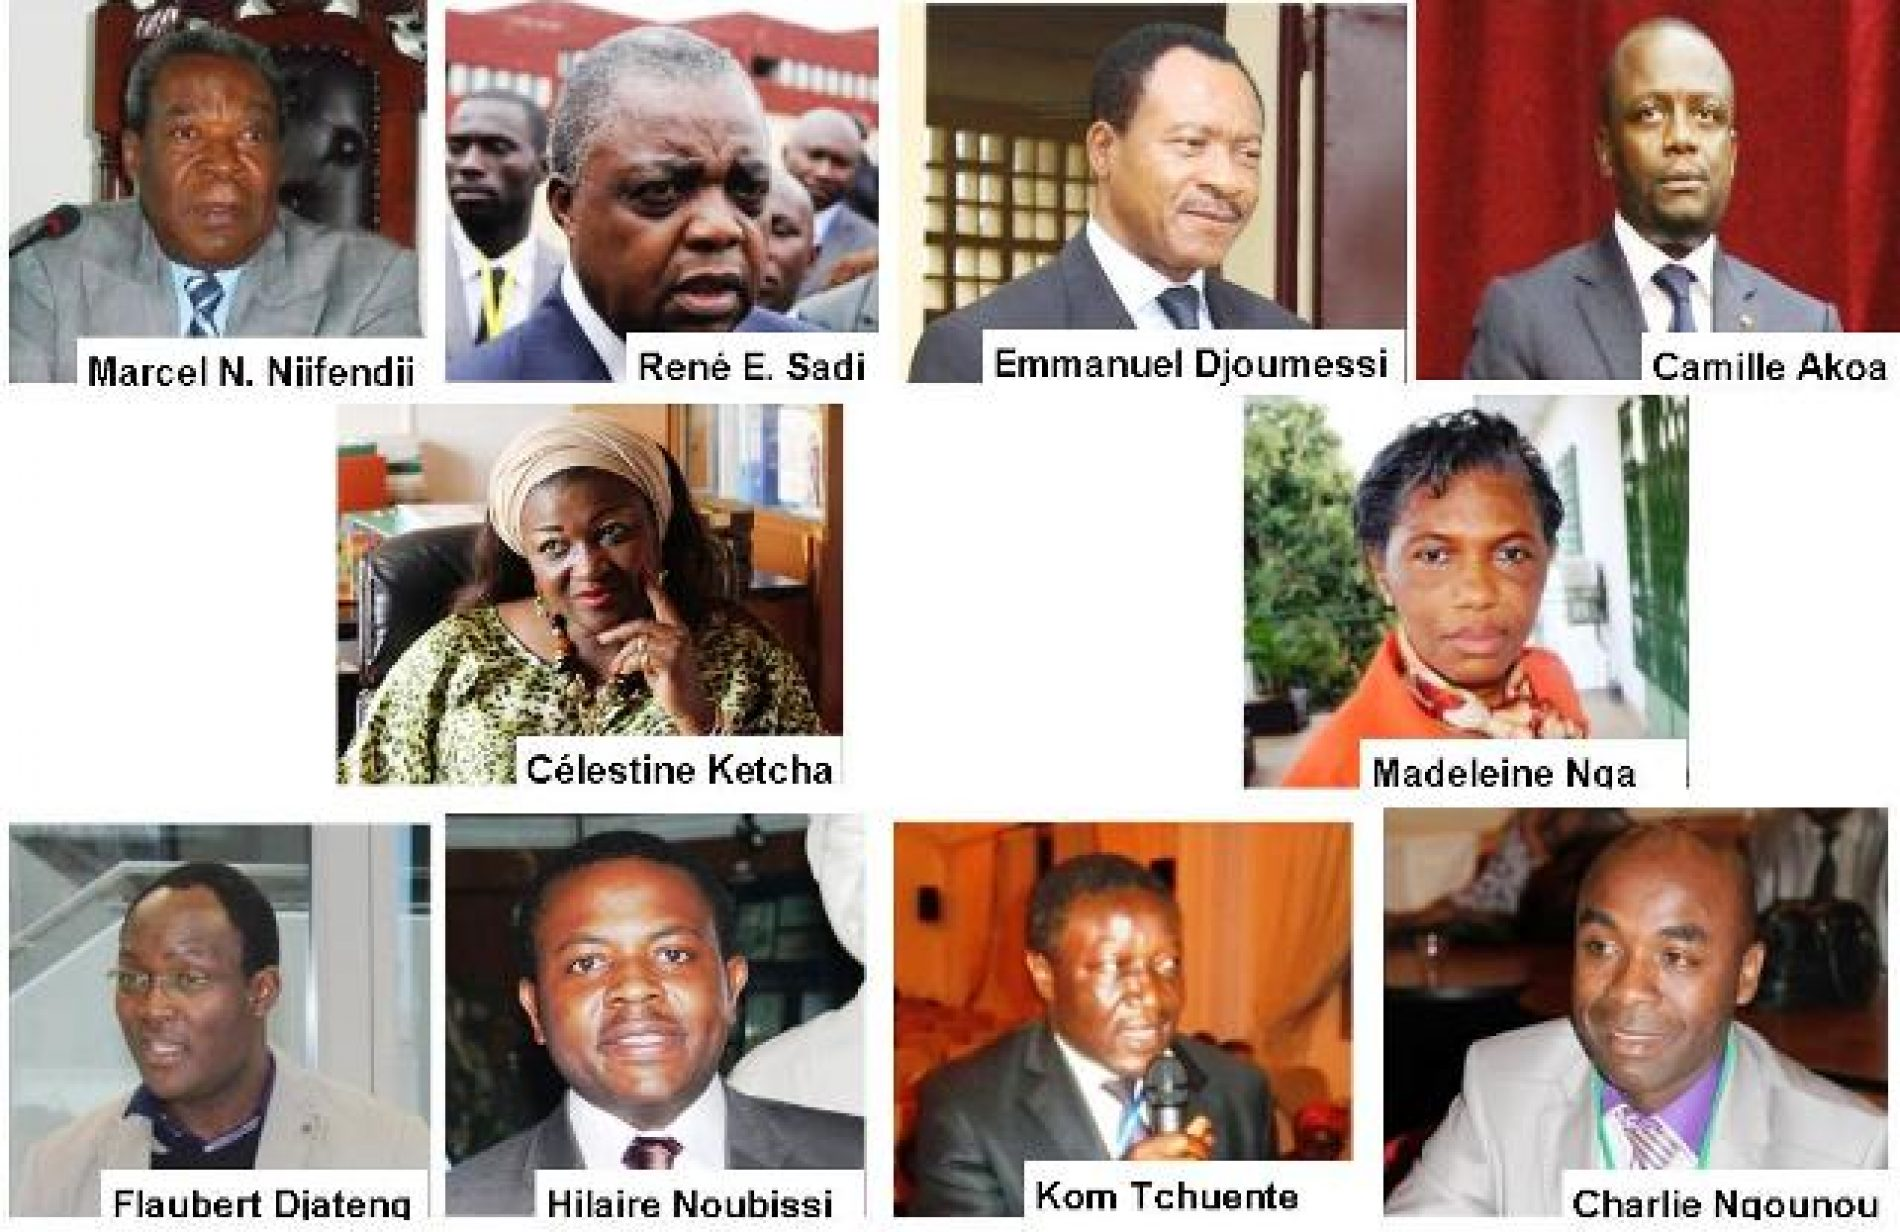 Les 10 qui ont fait l'année 2014